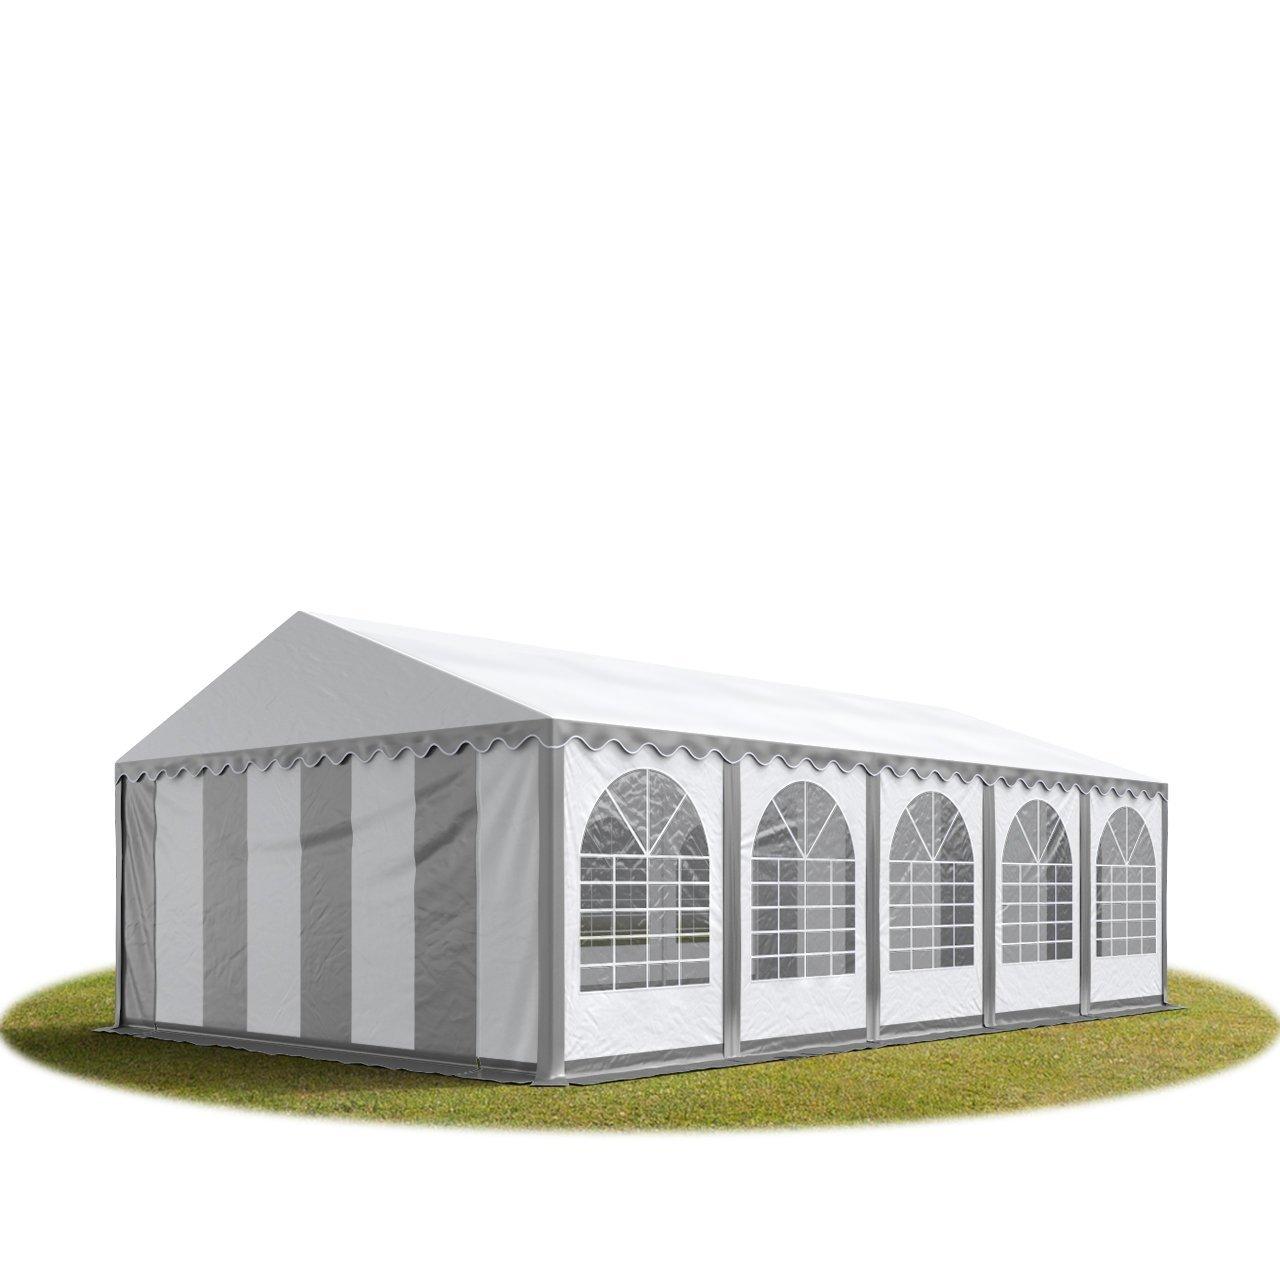 Festzelt XXL Partyzelt 6x10m, hochwertige 550g/m² feuersichere PVC Plane nach DIN in grau-weiß, 100% wasserdicht, vollverzinkte Stahlkonstruktion mit Verbolzung, Seitenhöhe ca. 2,6 m